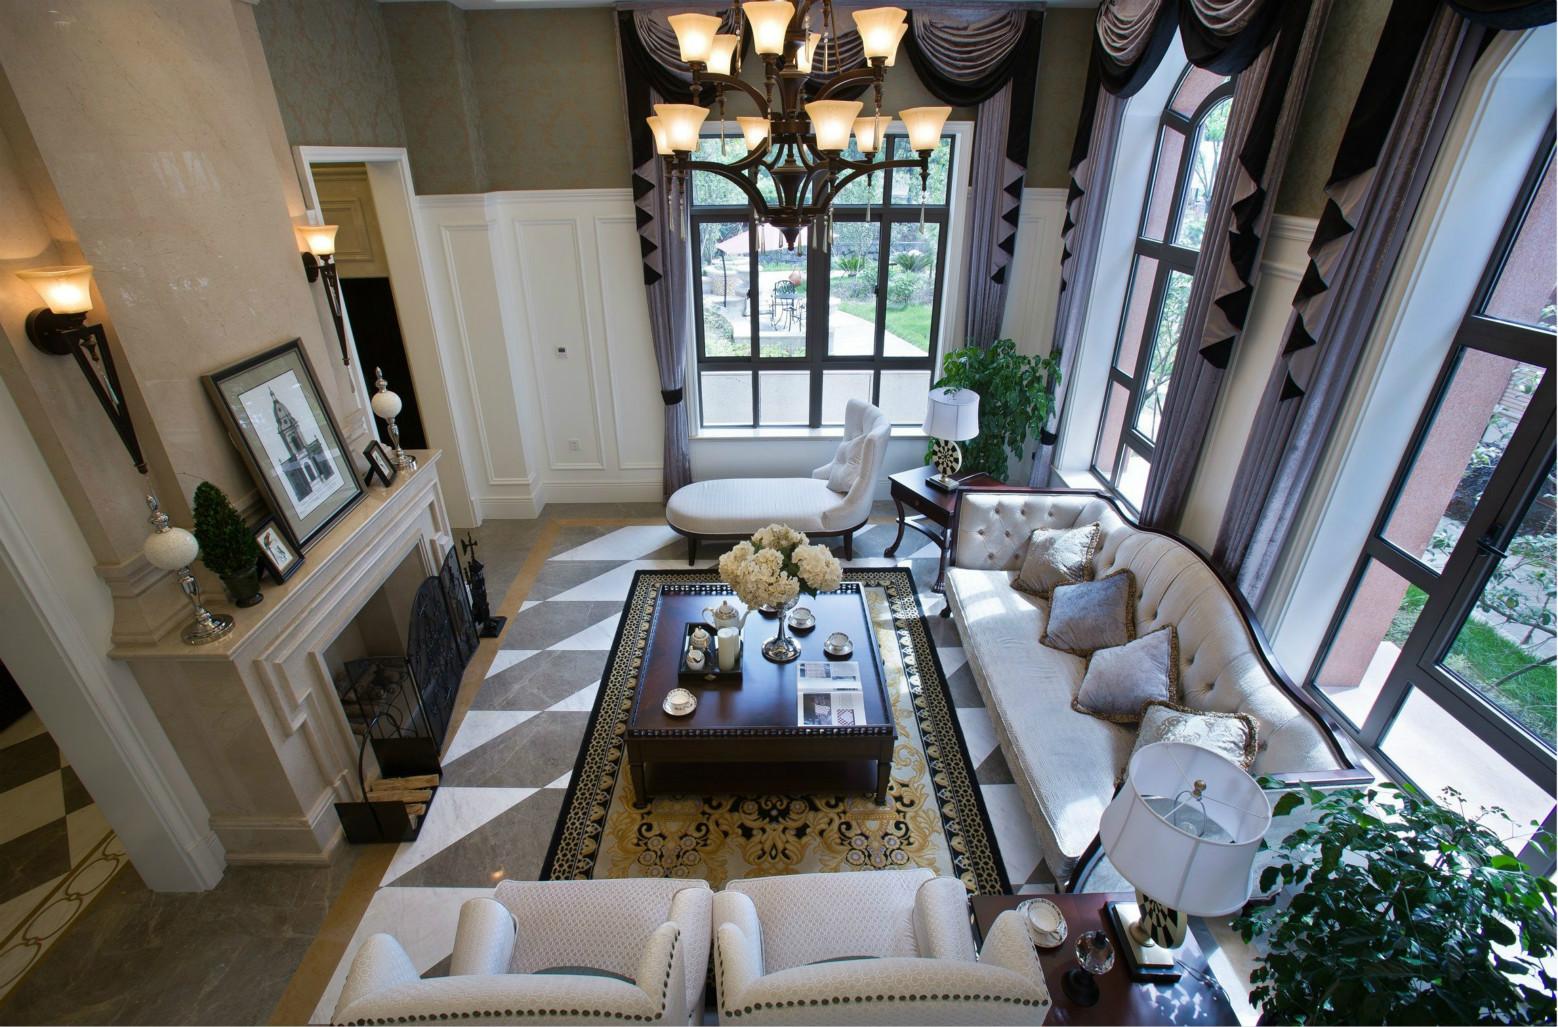 空间造型极为简洁、家具陈设以茶几为中心,窗相呼应,